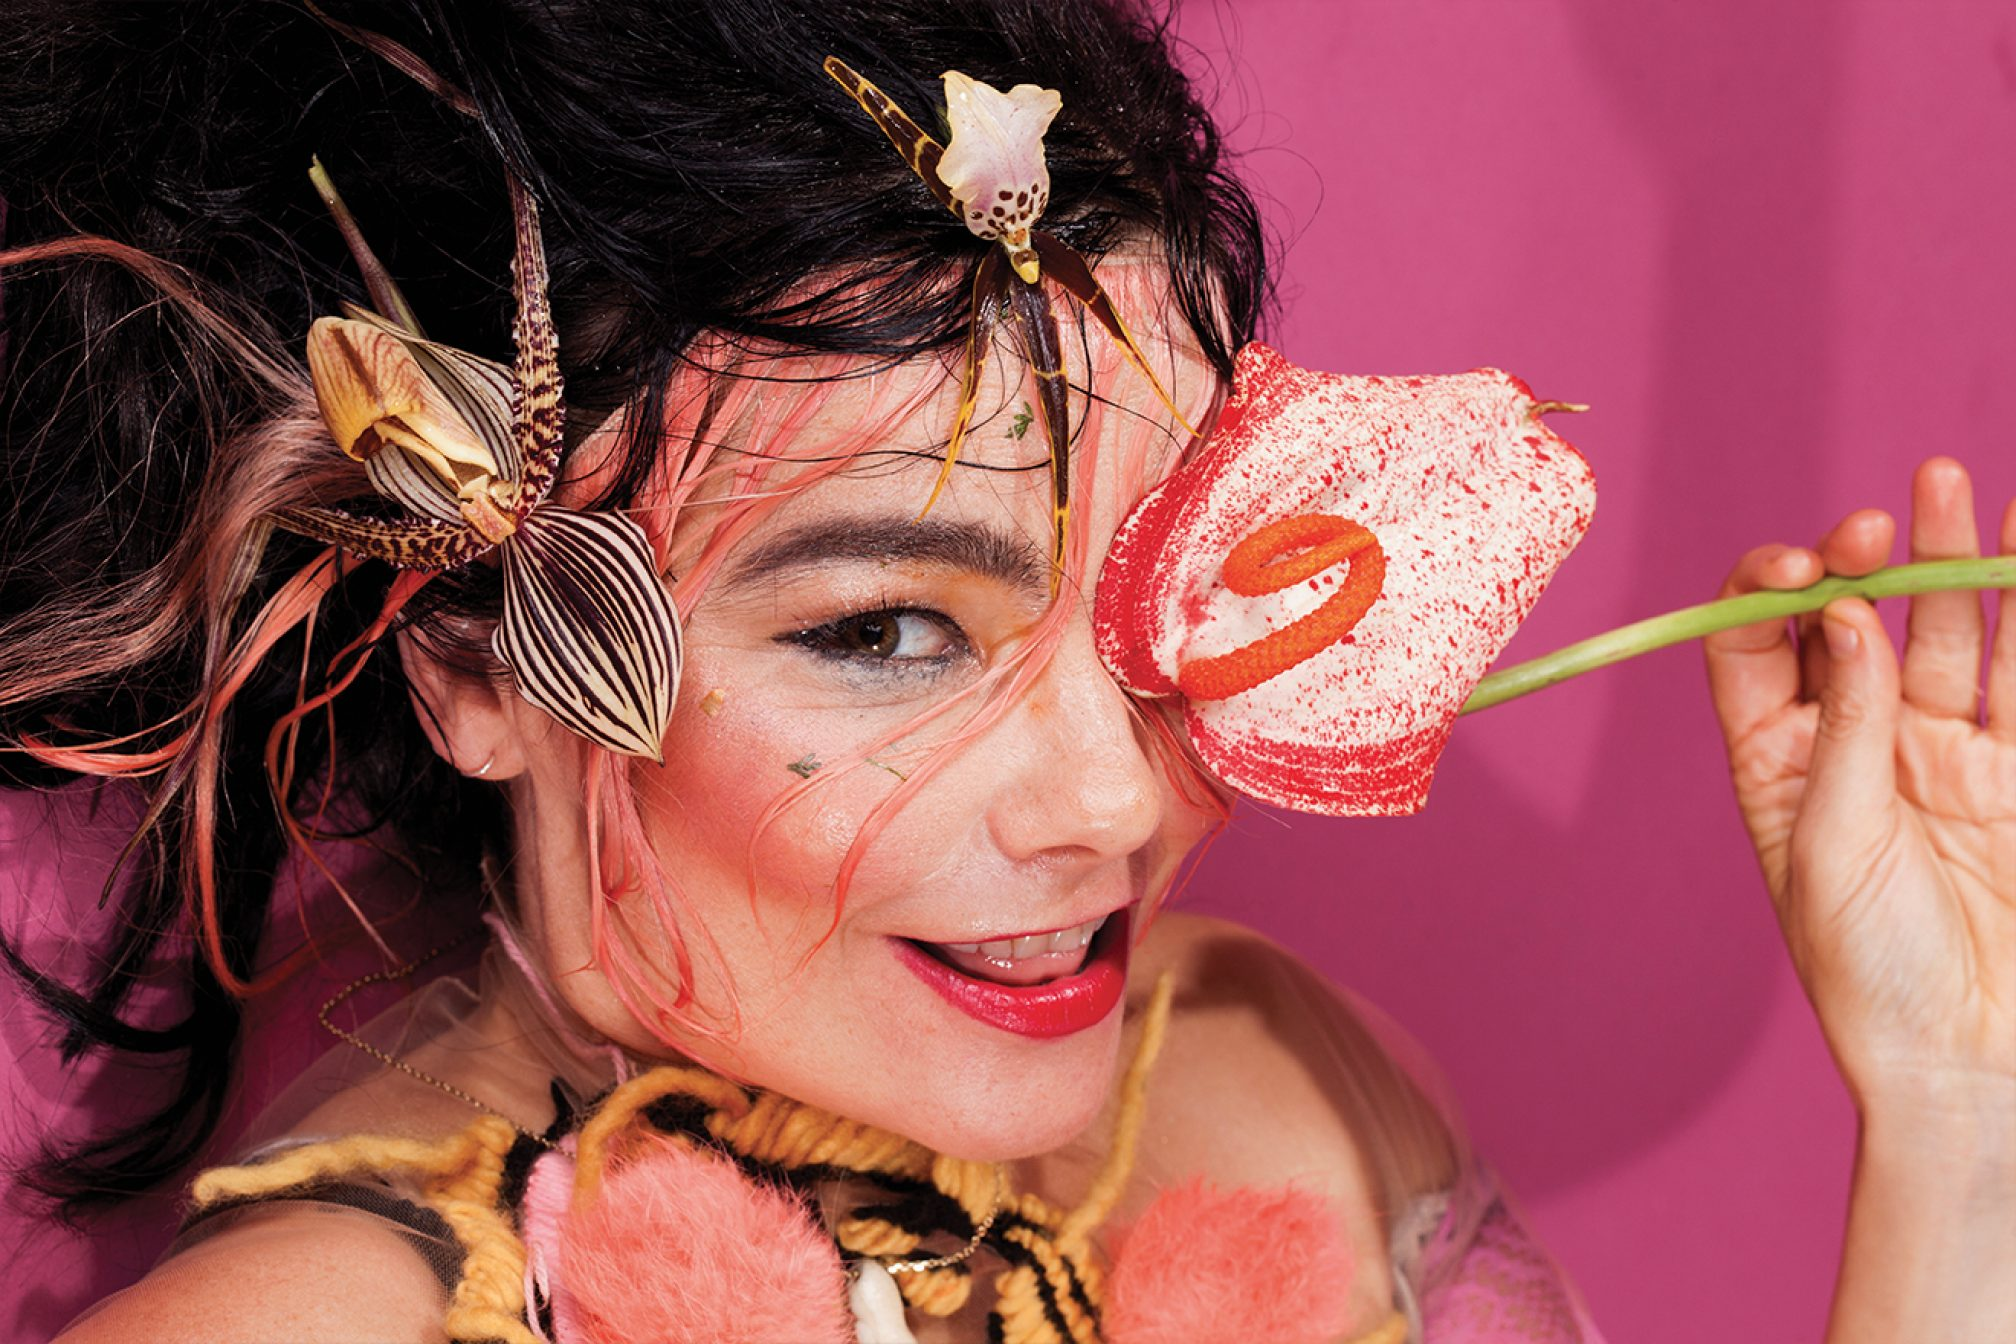 ¿Cuáles son sus películas favoritas? ¿Qué música escucha?: Björk nos responde